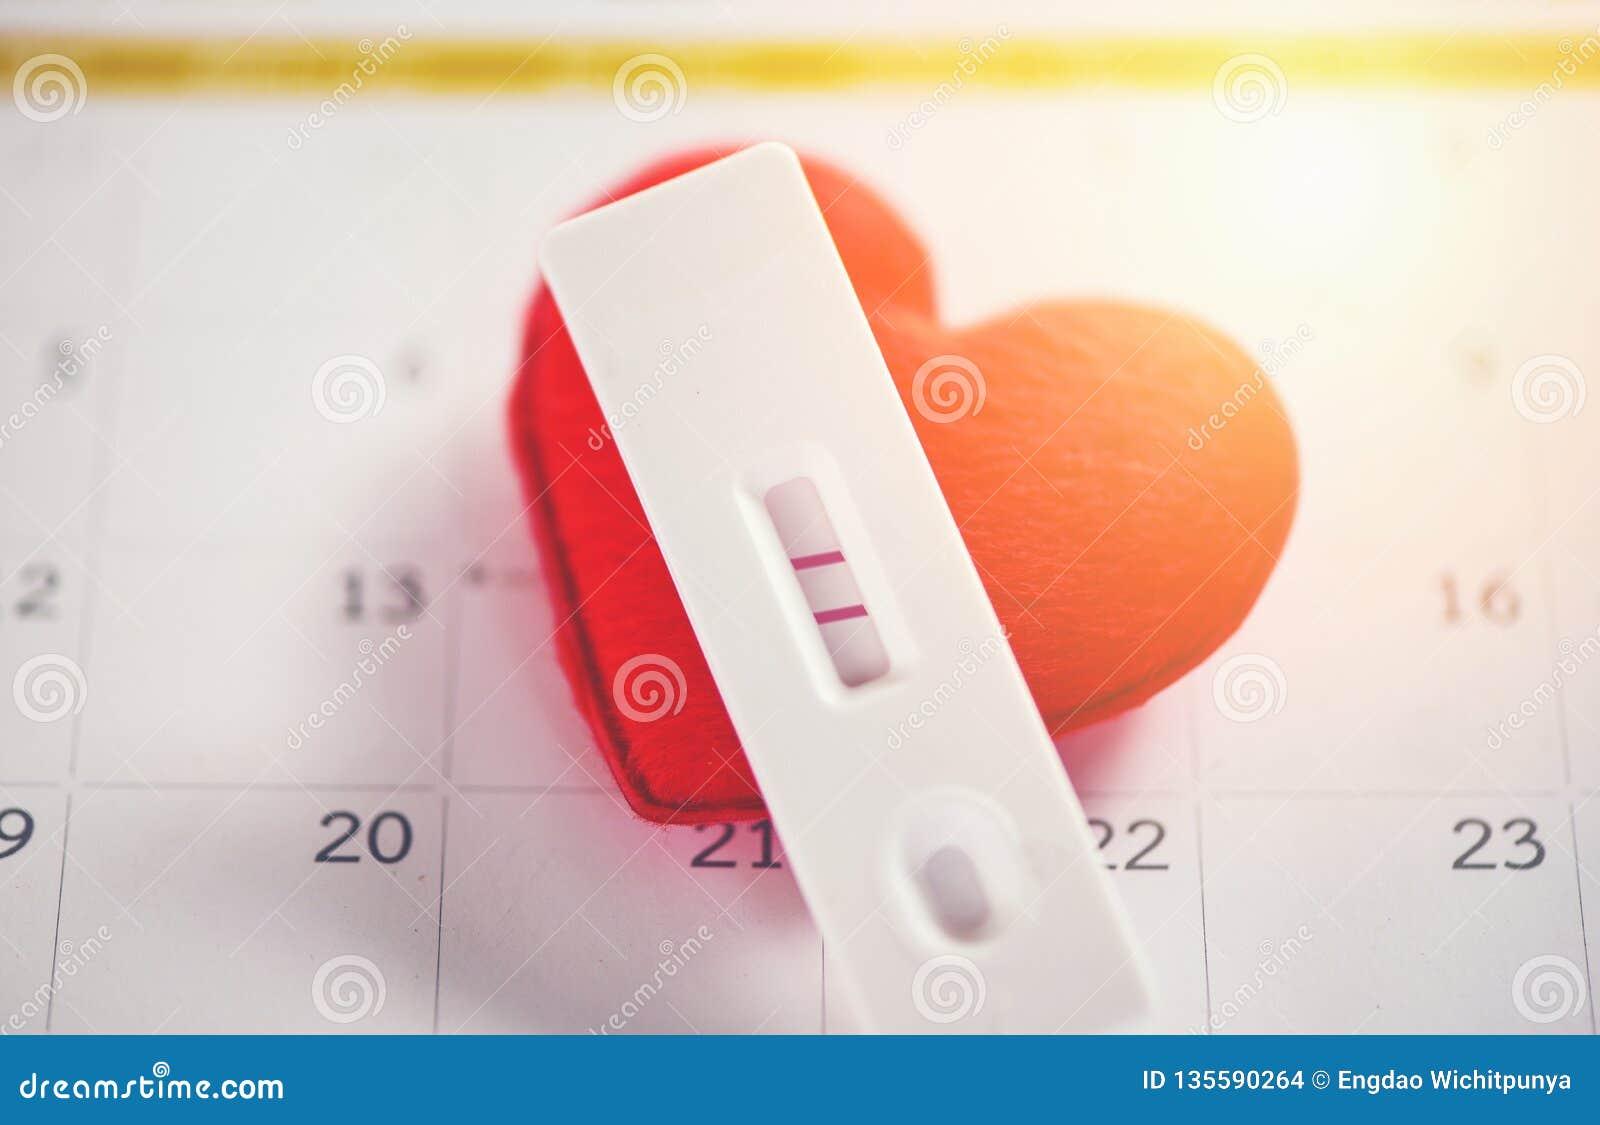 Ciążowych testów kobiety w ciąży pojęcia pozytywnego wynika dwa linie planuje dziecko czerwieni, macierzyństwa i opieki zdrowotne